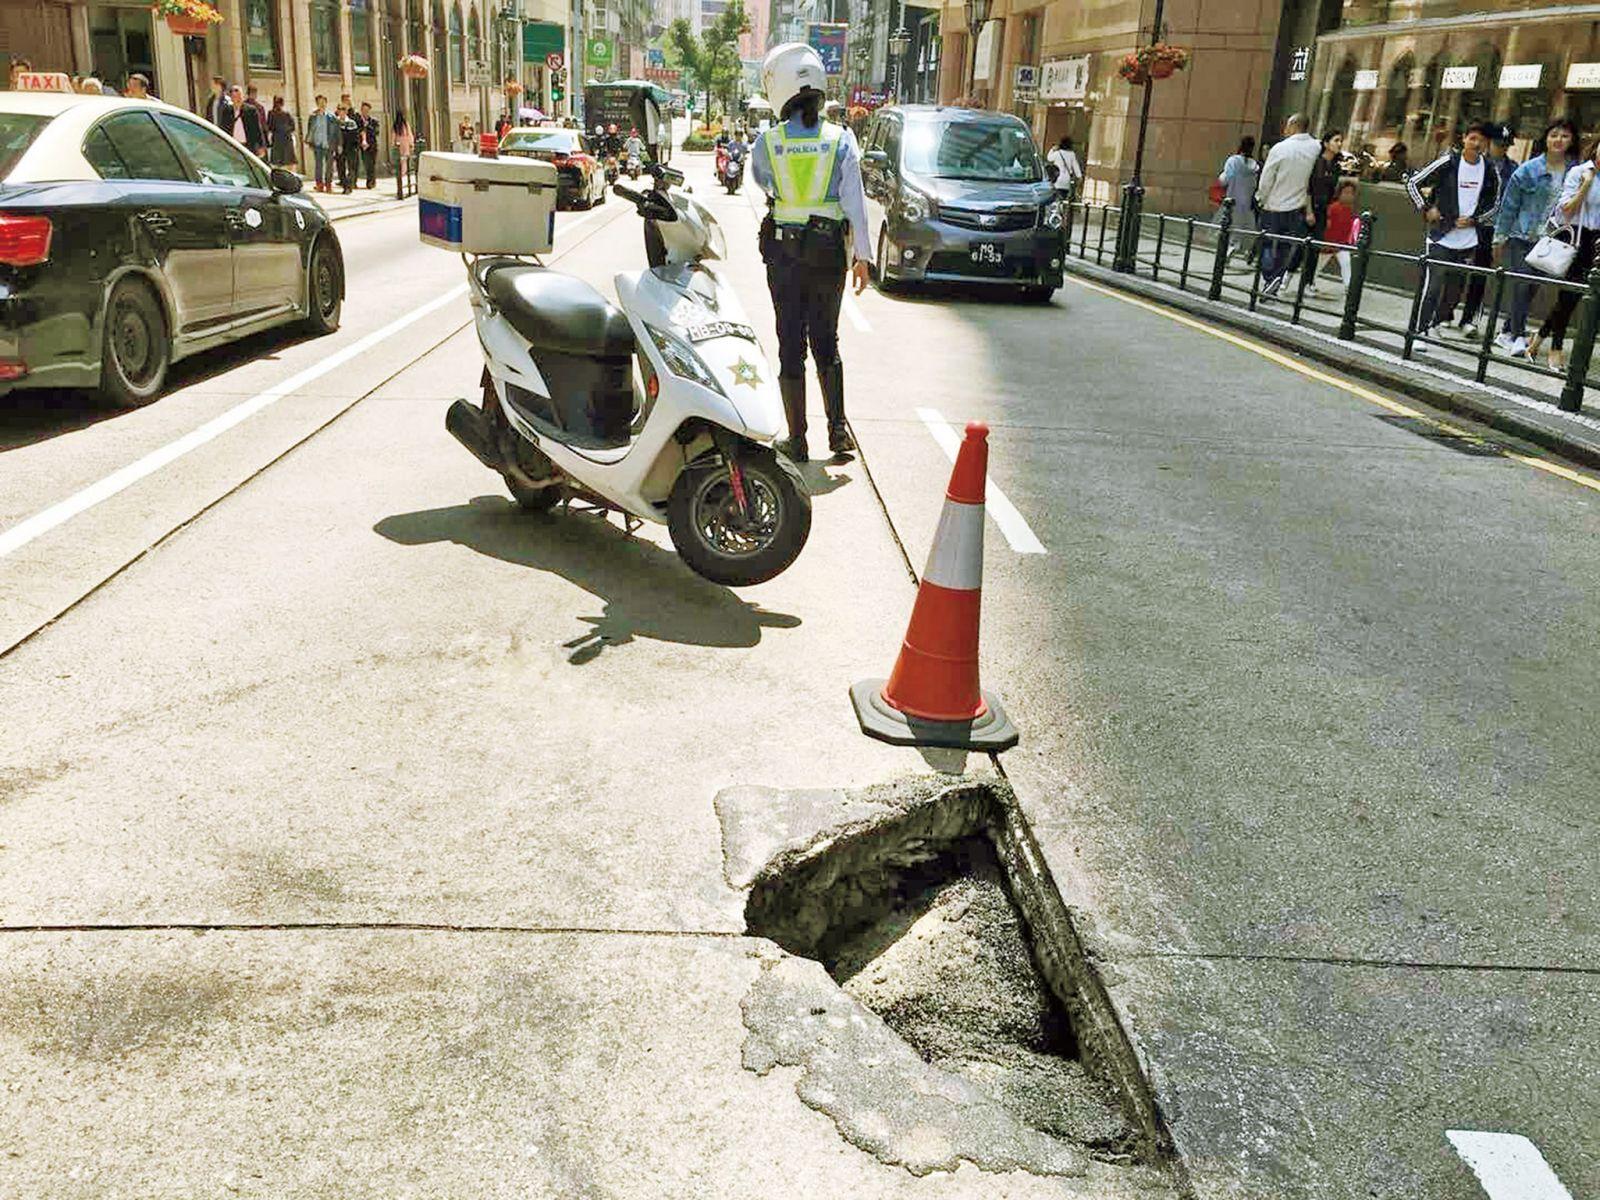 新馬路月底重鋪路面 影響16萬人次出行